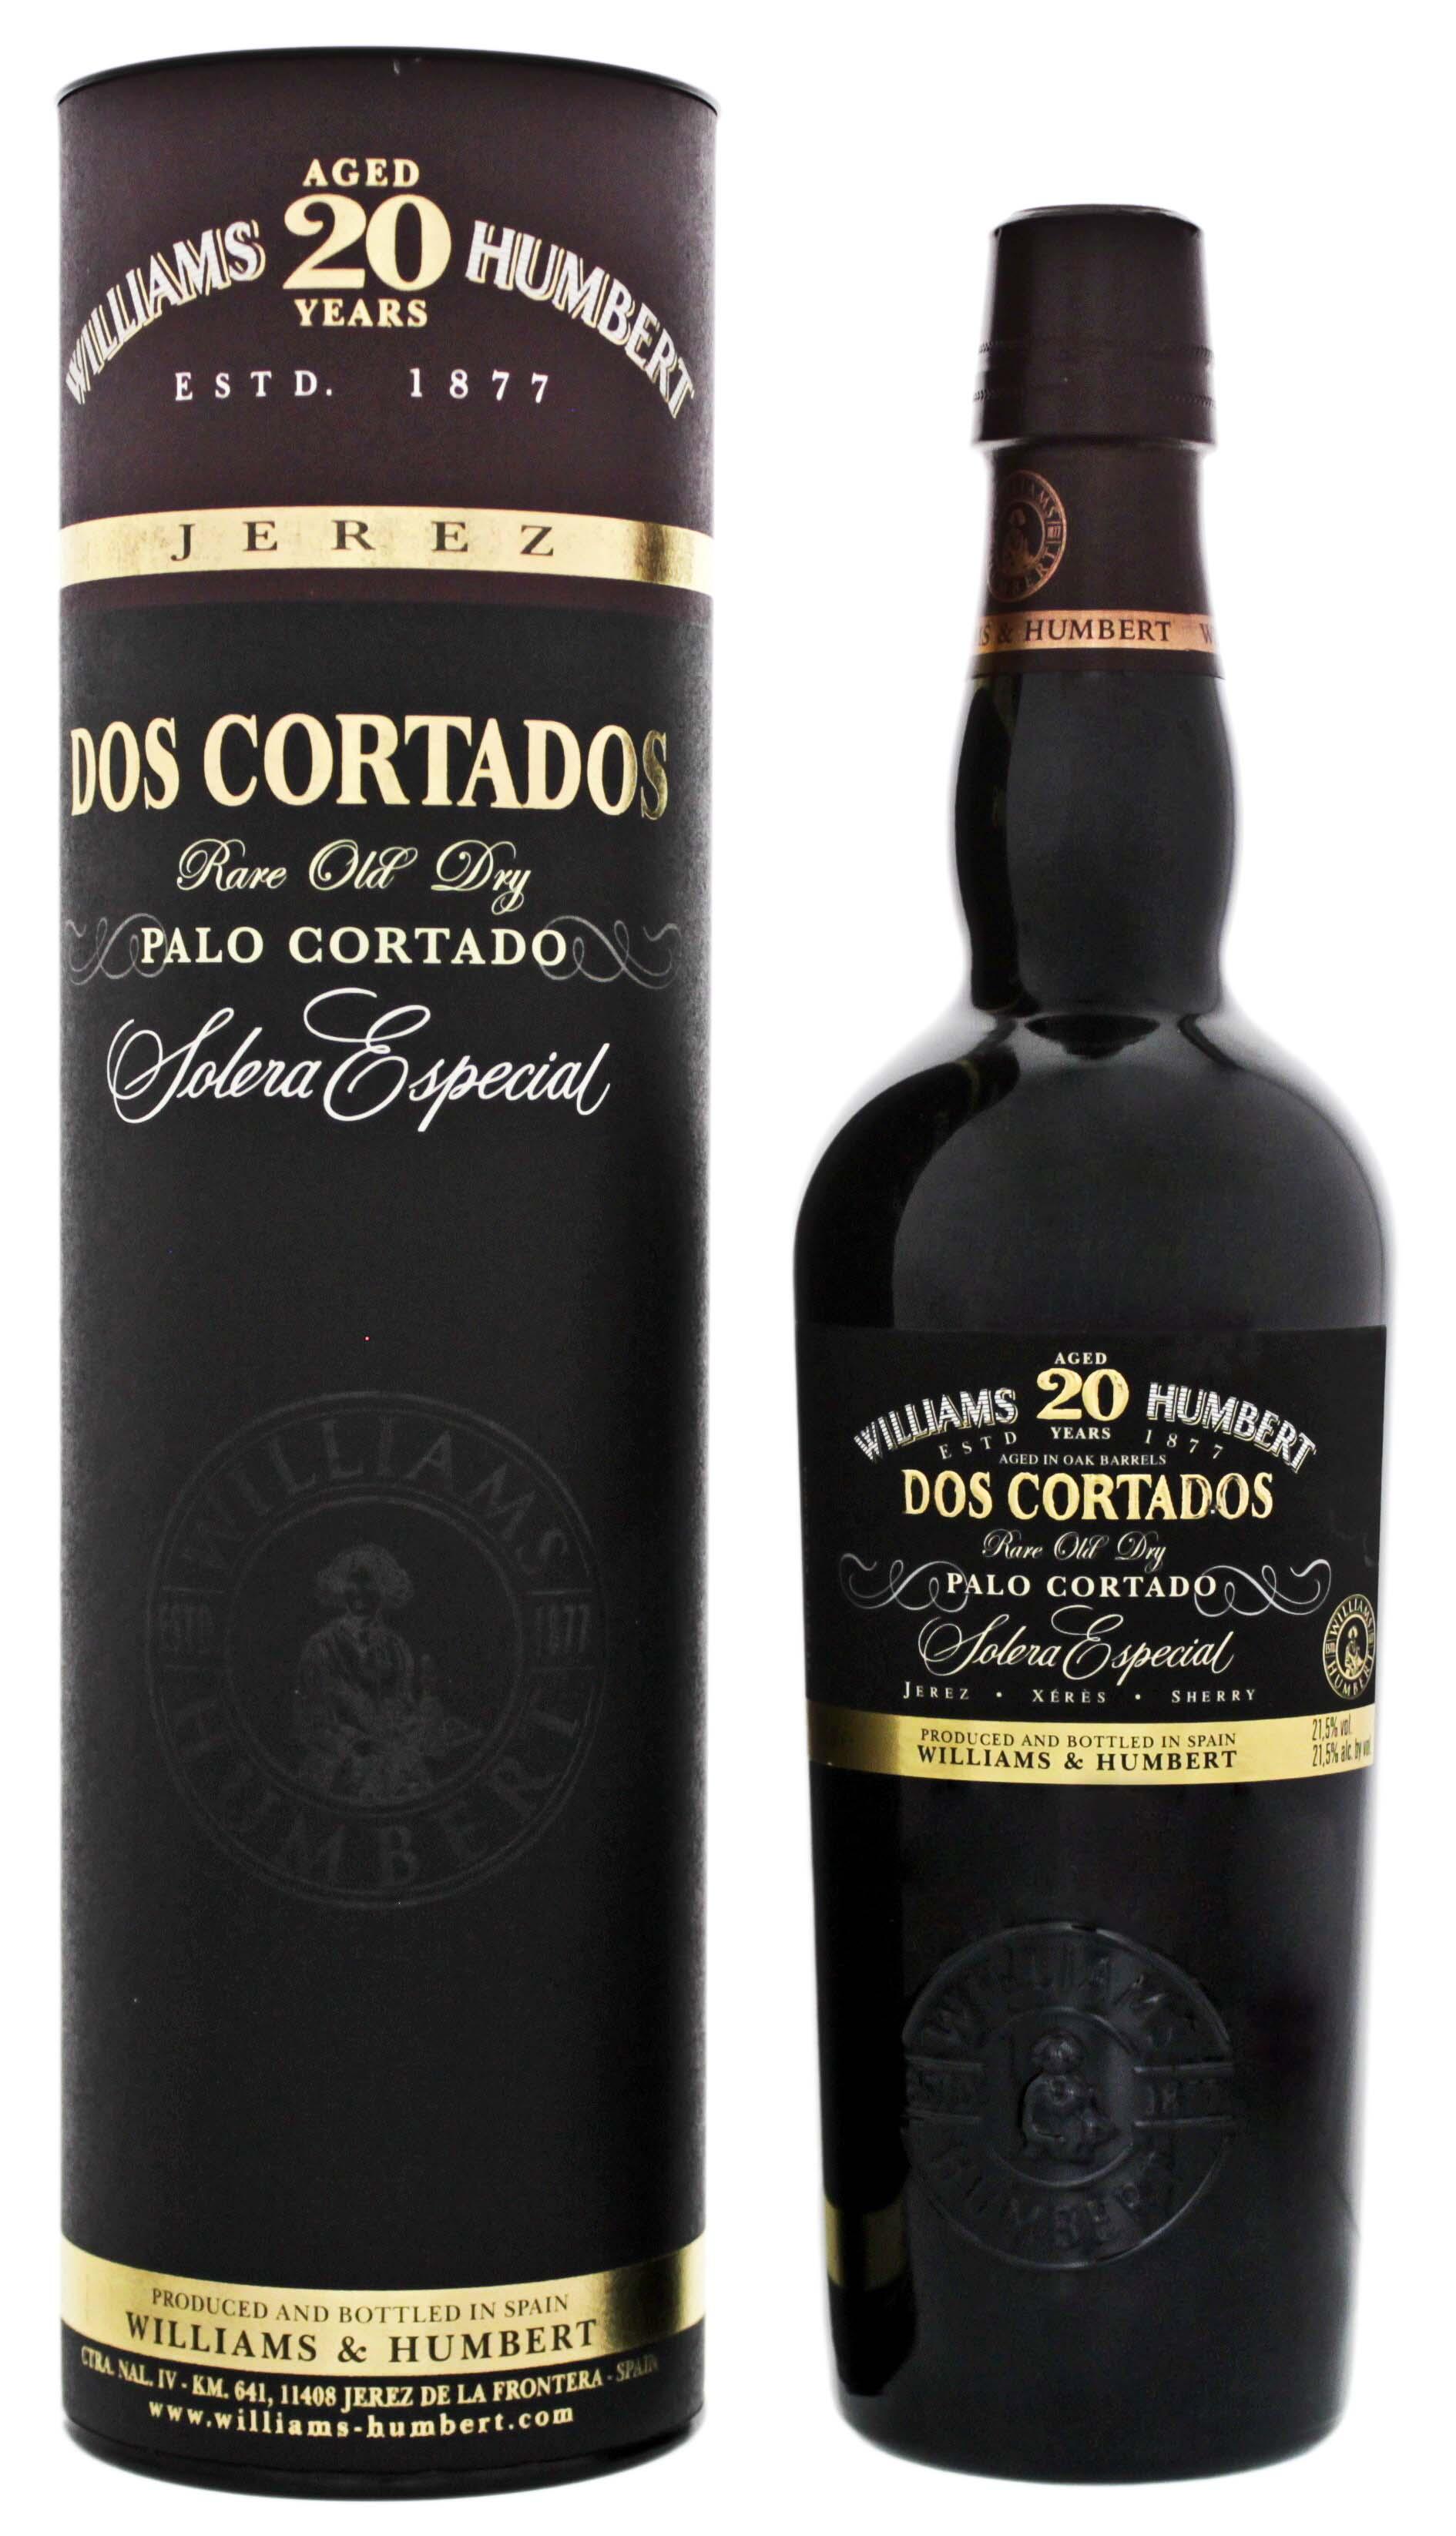 Dos Cortados Solera Especial 20YO Palo Cortado 0,5L